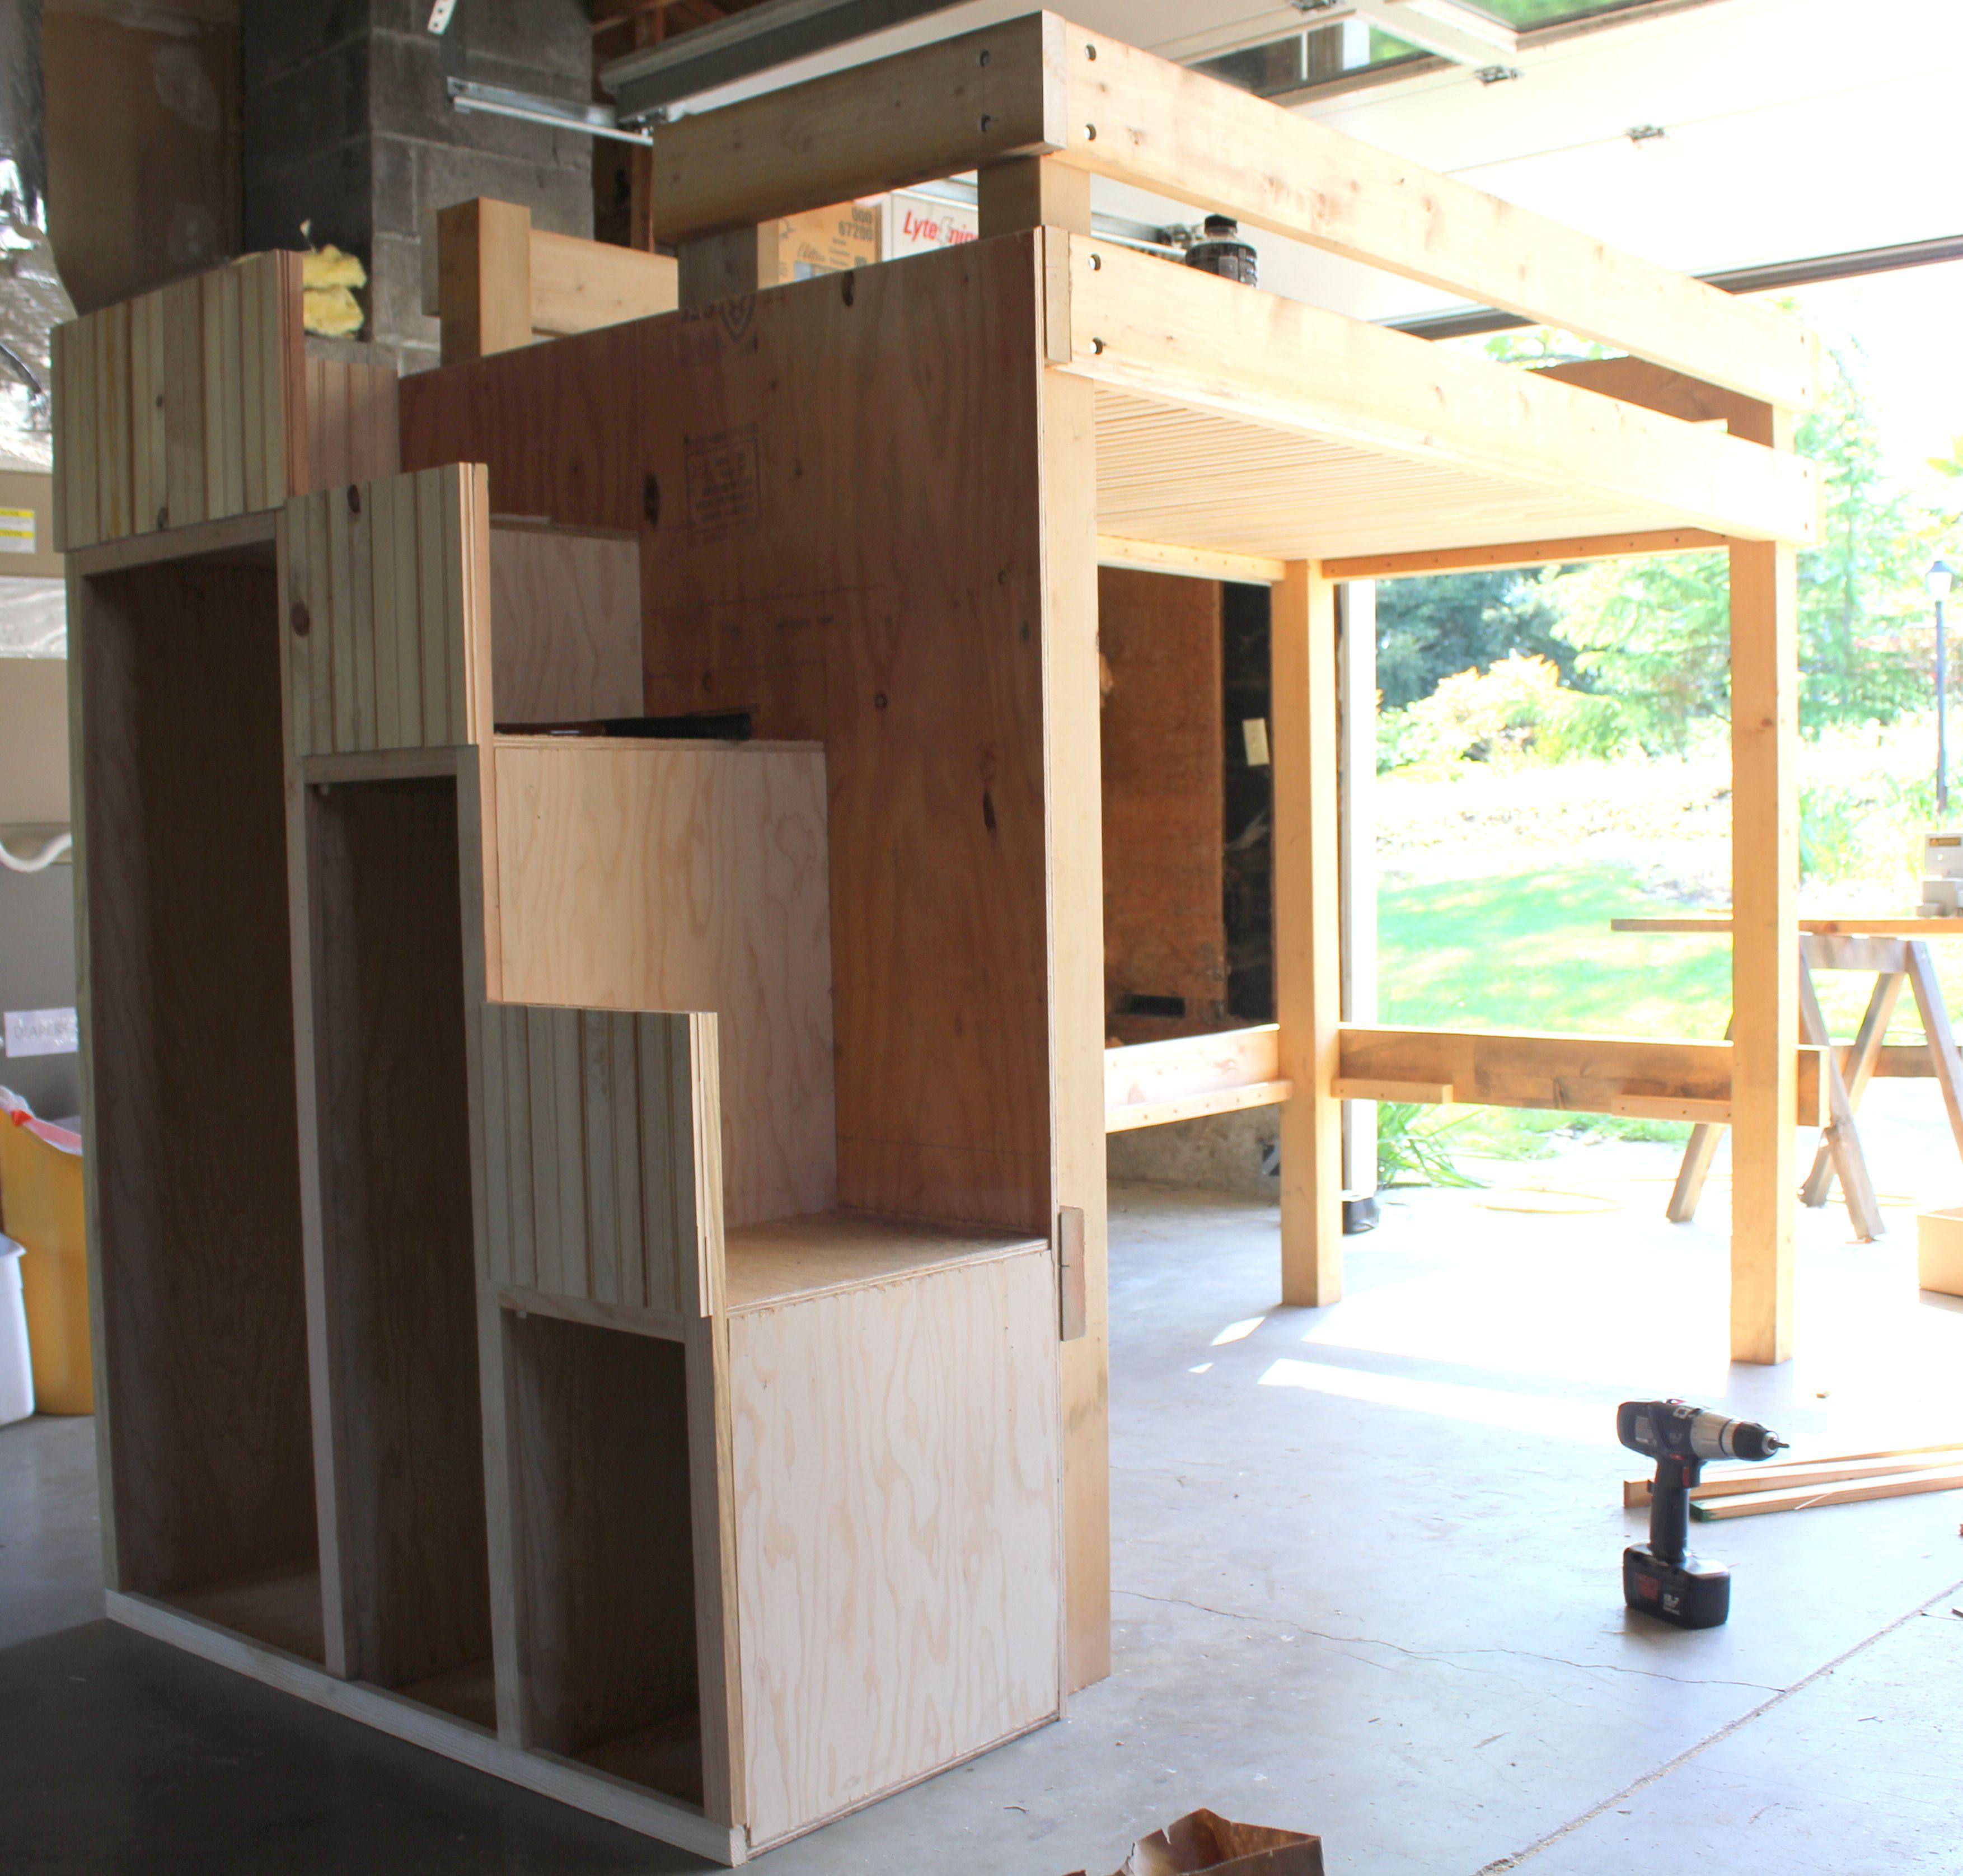 diy bunk beds loft bunk beds bunk bed and lofts. Black Bedroom Furniture Sets. Home Design Ideas